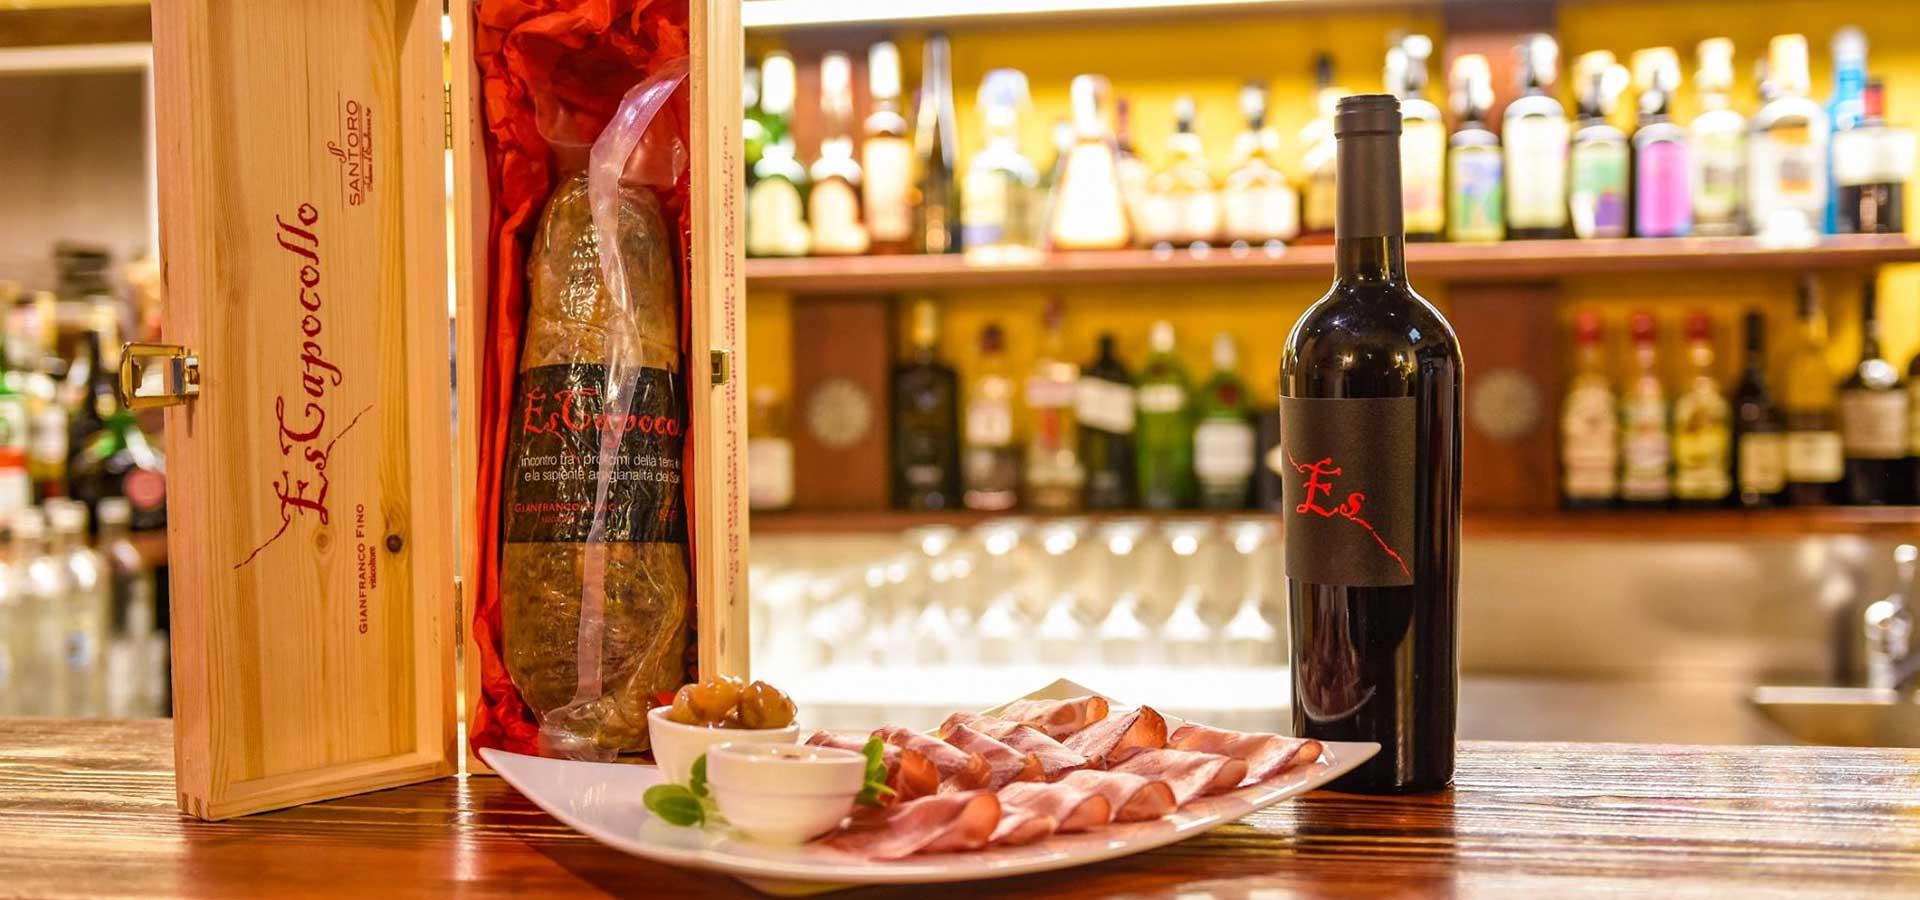 L'abbinamento cibo-vino di Pasquale #1